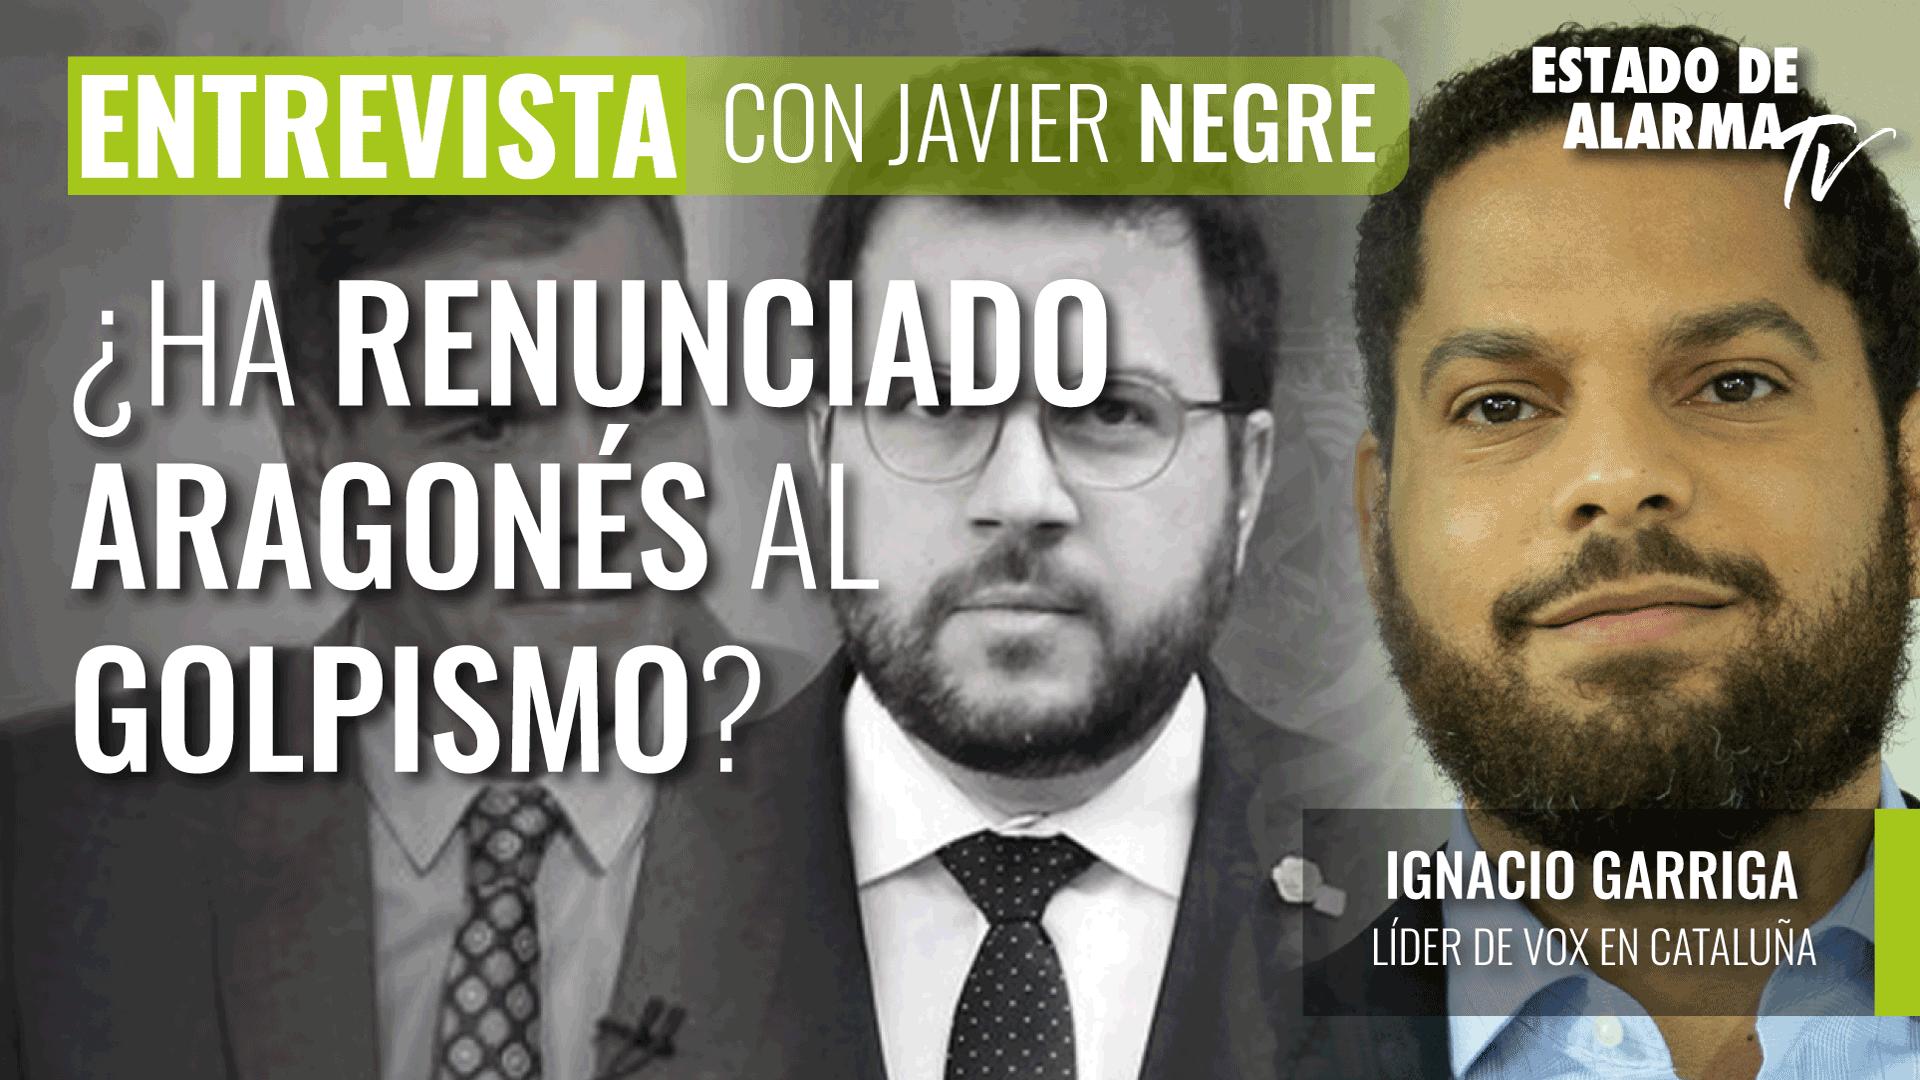 Imagen del video: Ignacio Garriga: ¿Ha renunciado Aragonés al golpismo?